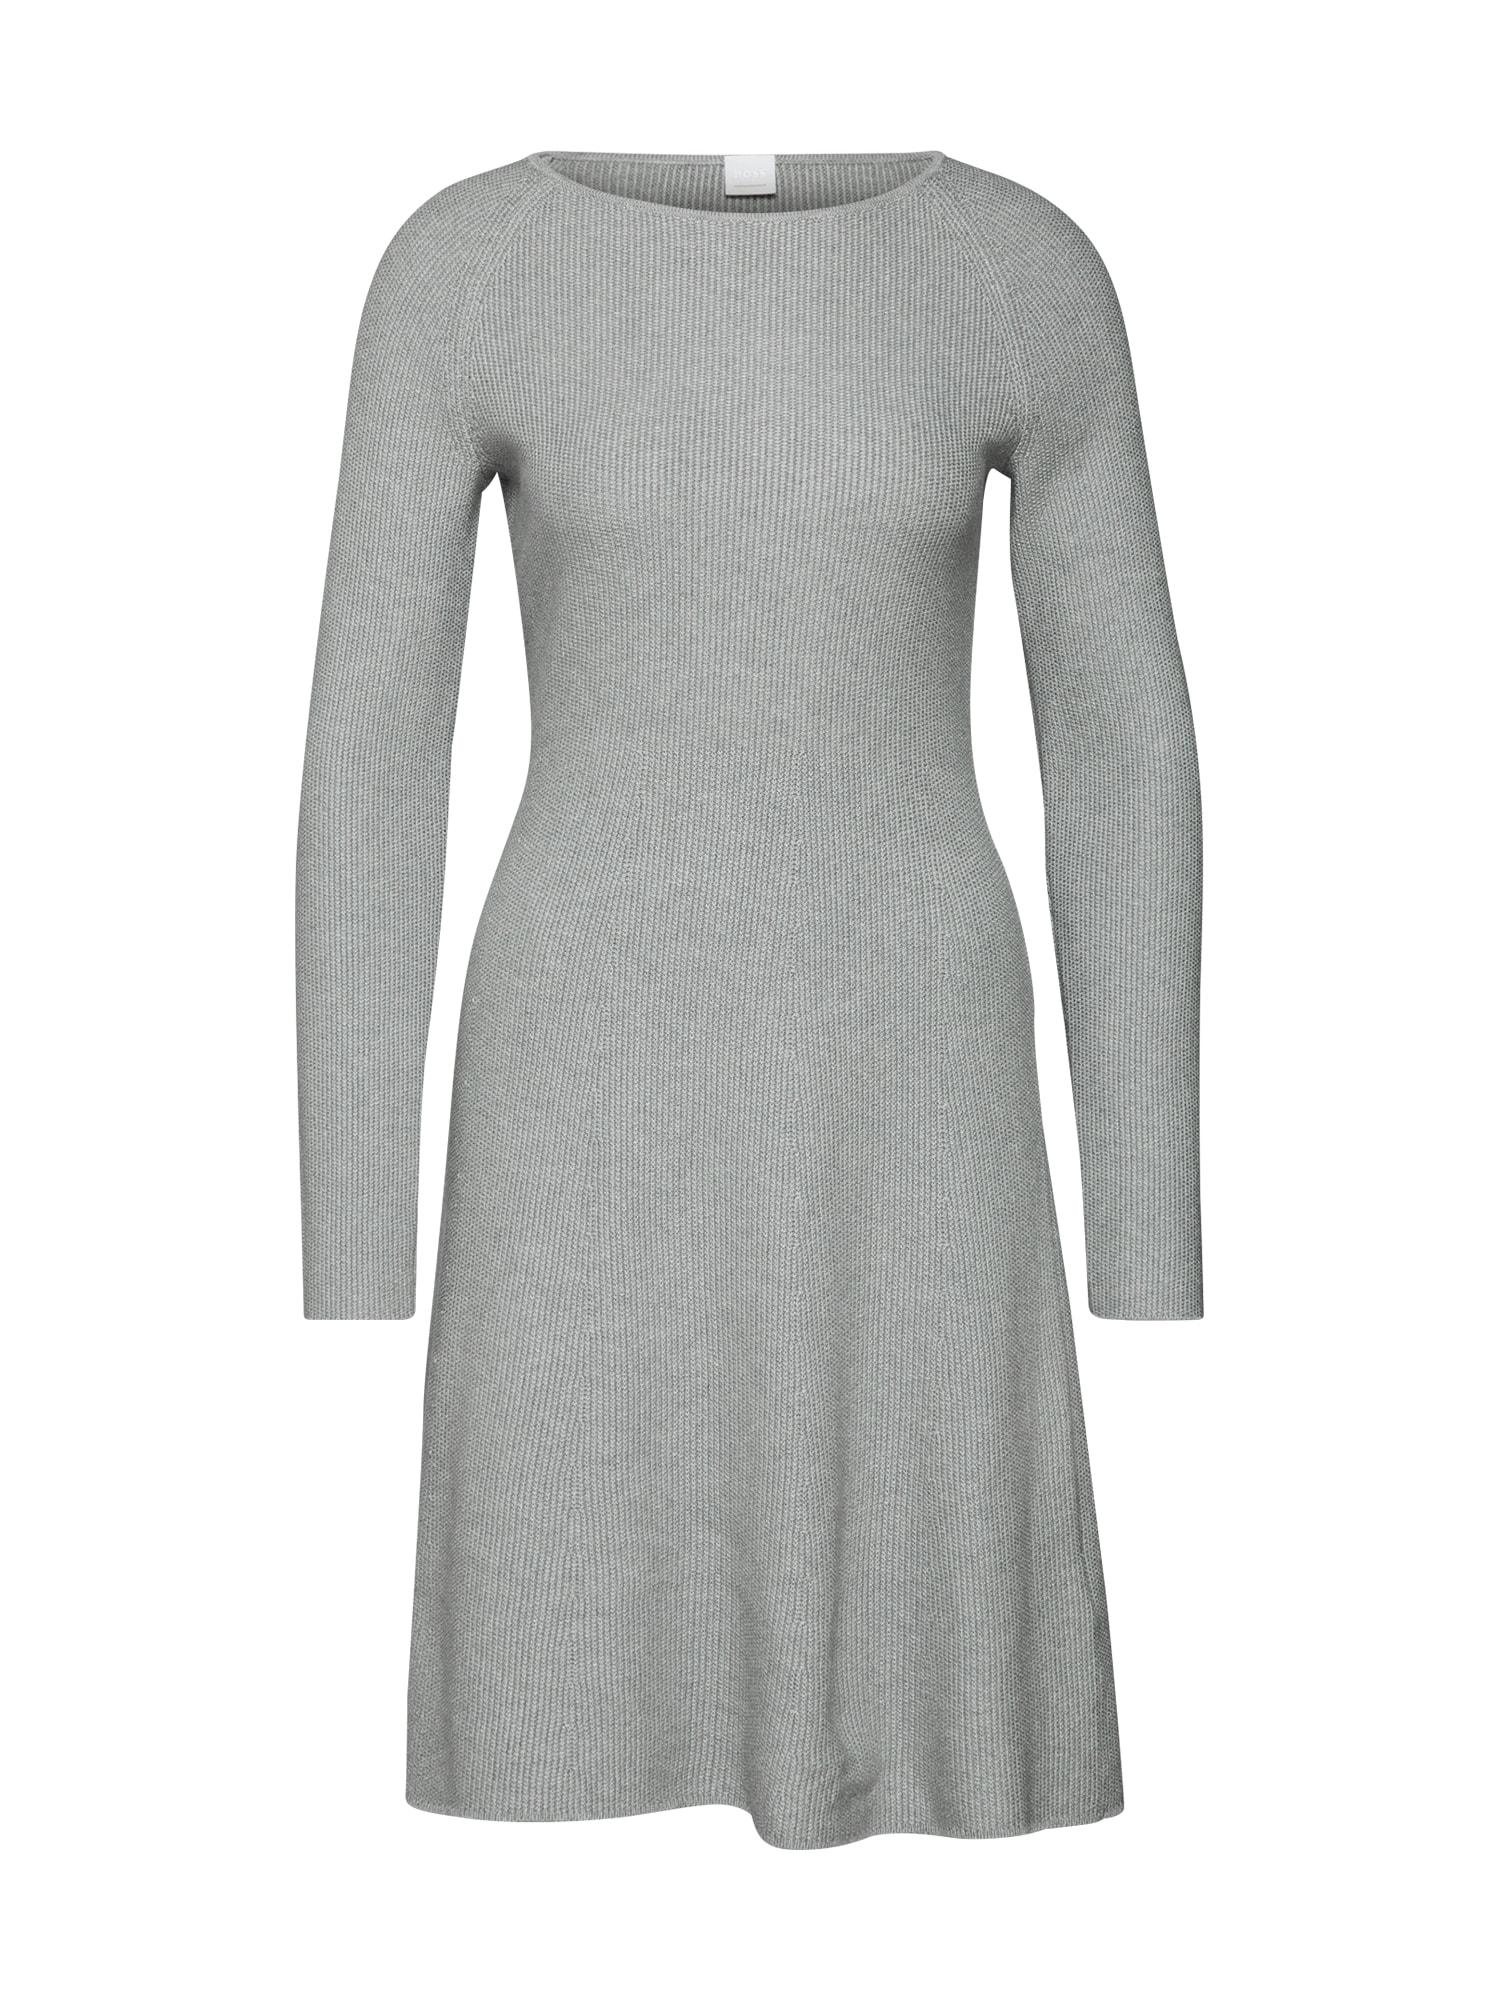 Úpletové šaty Iesibedda stříbrně šedá BOSS